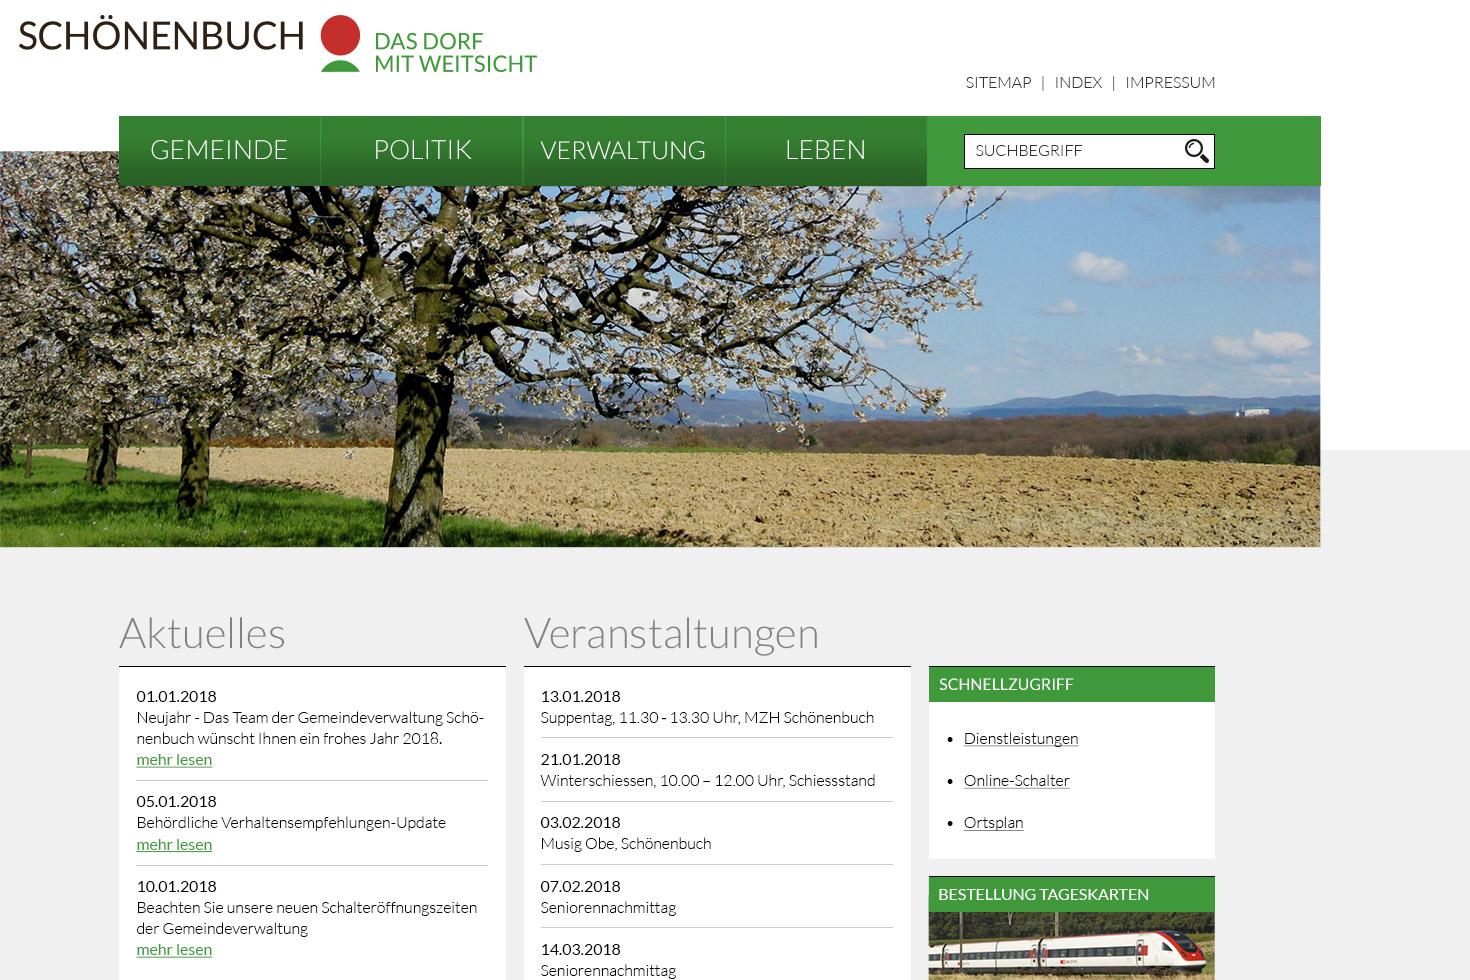 Bild 2 vom Screendesign für Webseiten